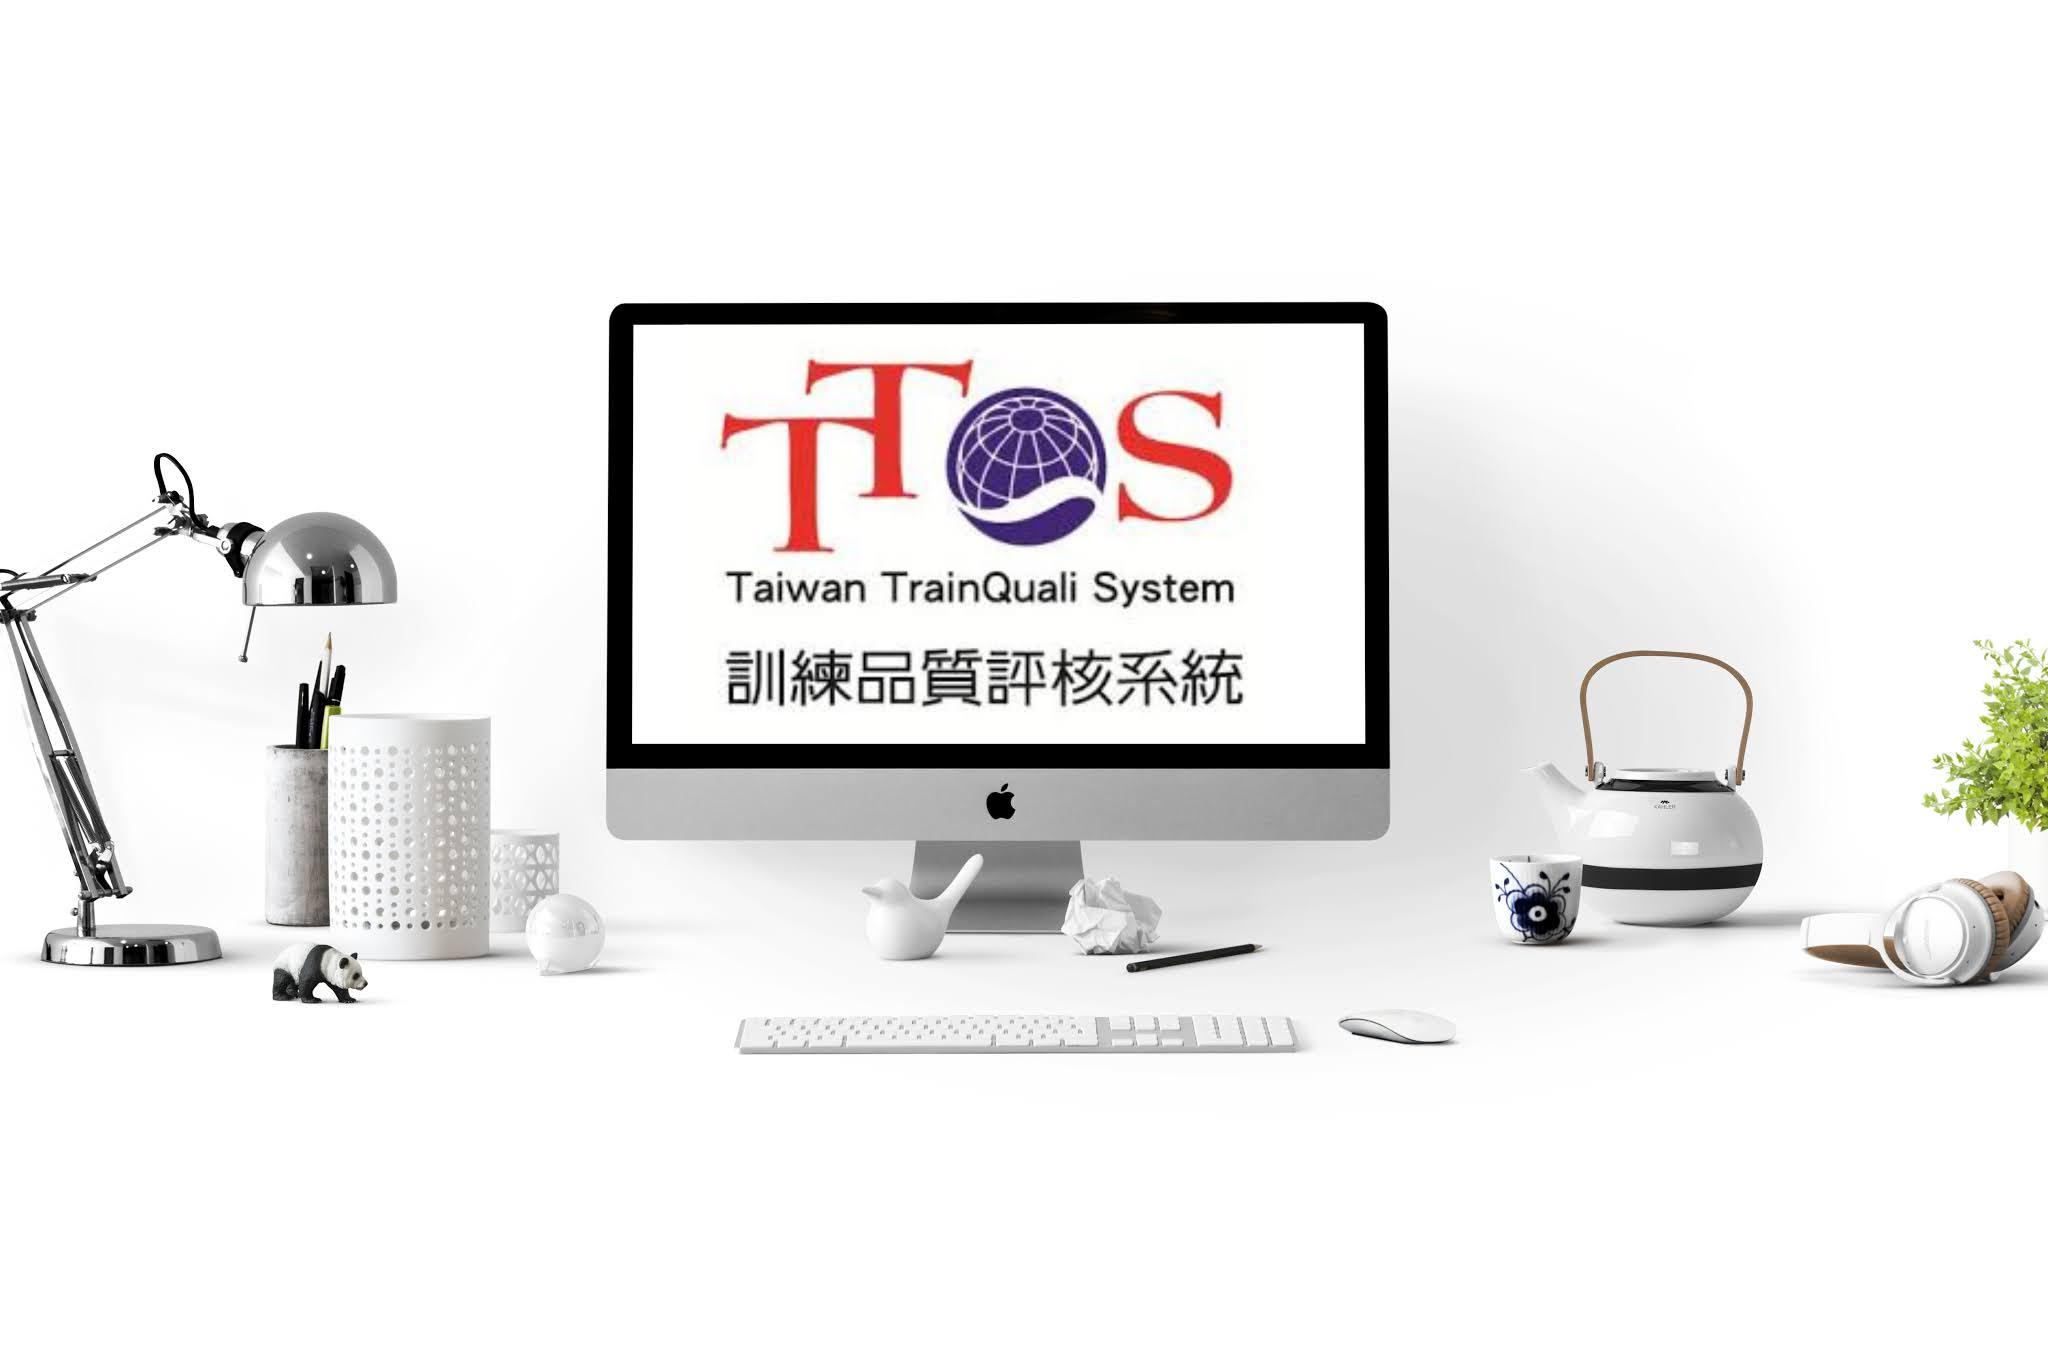 捷盛數位通過勞動部勞動署TTQS認證,正式成為官方認證合格訓練機構